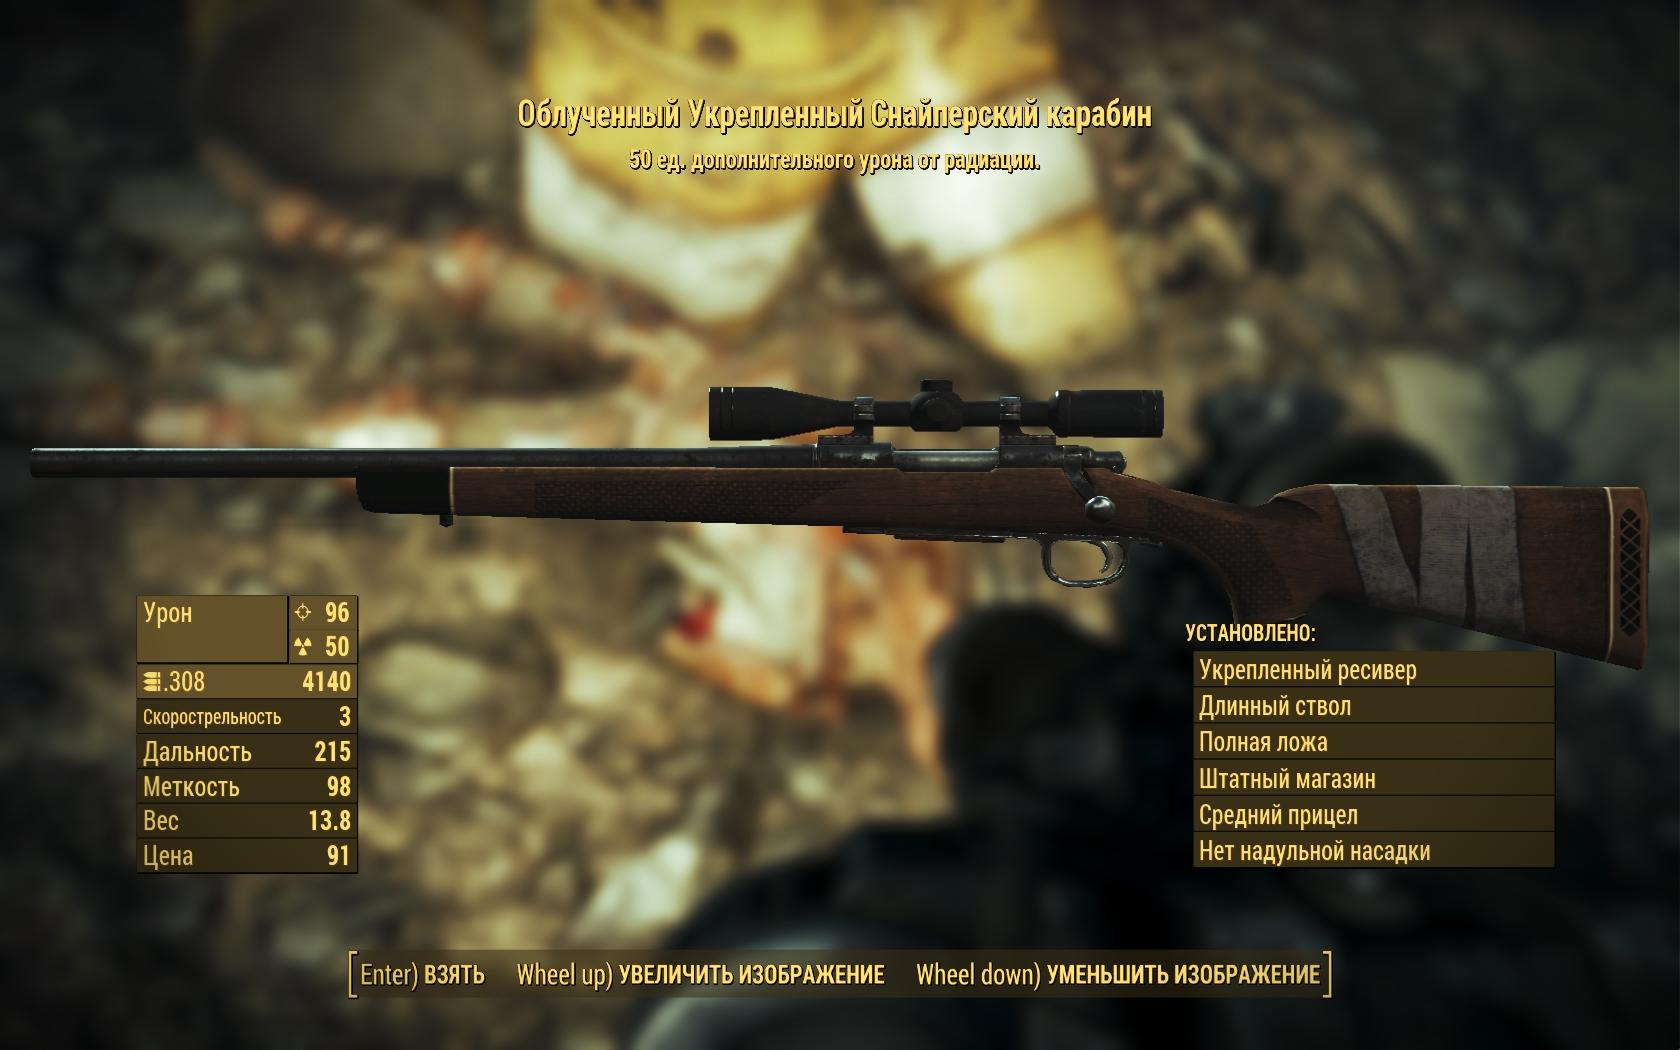 карабин - Fallout 4 Облучённый, Оружие, снайперский, укреплённый